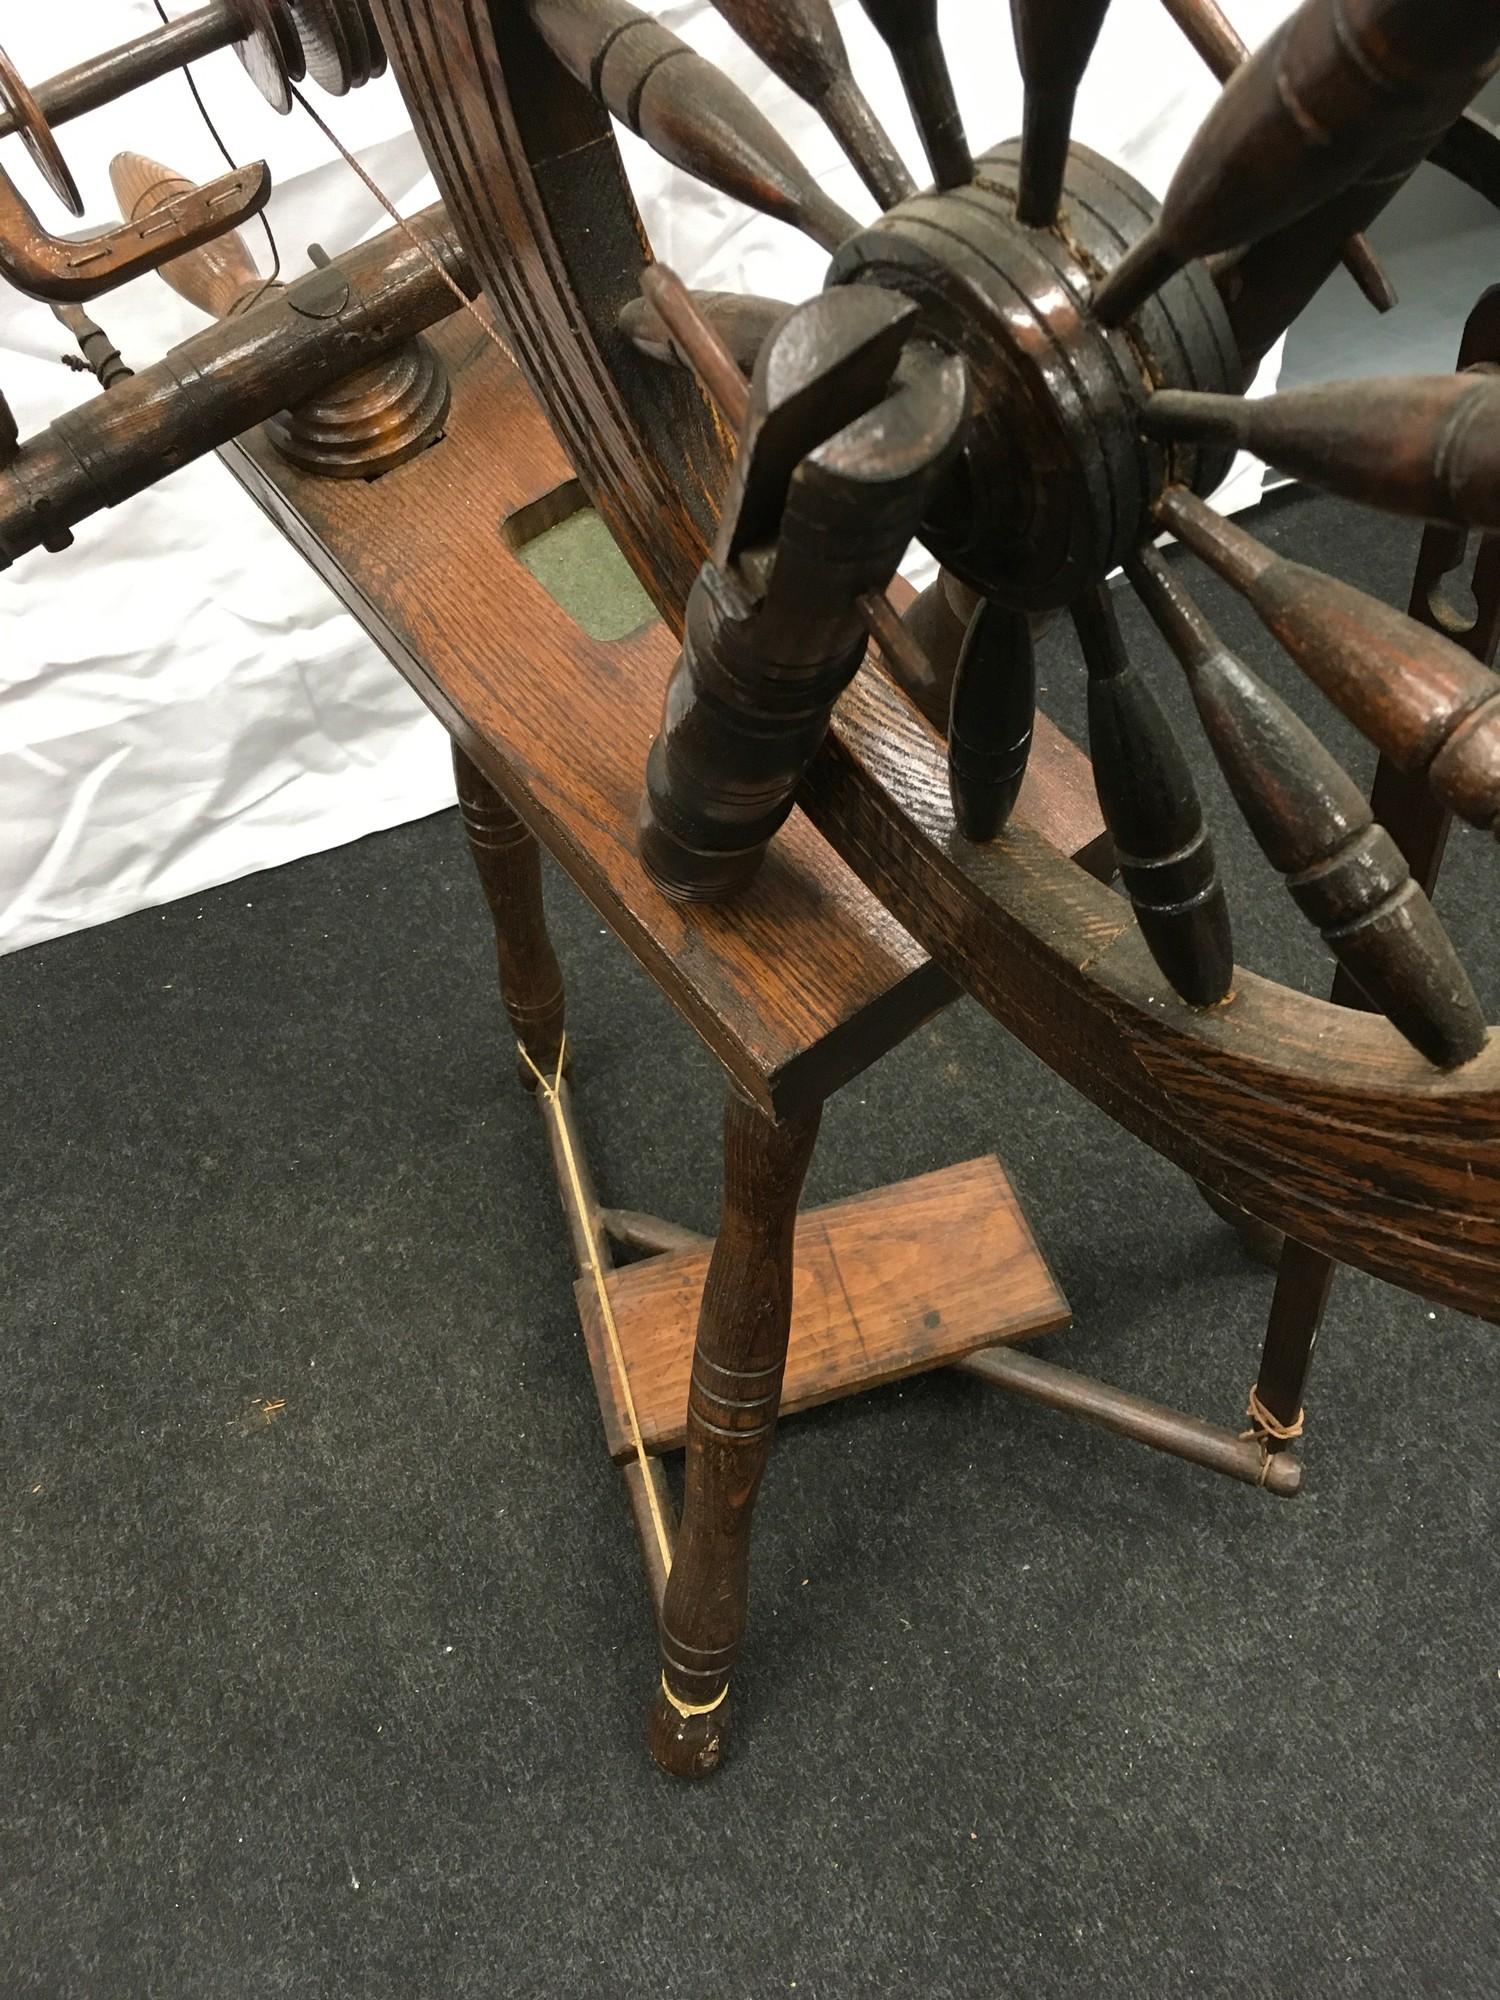 Wool spinning wheel working - Image 6 of 6